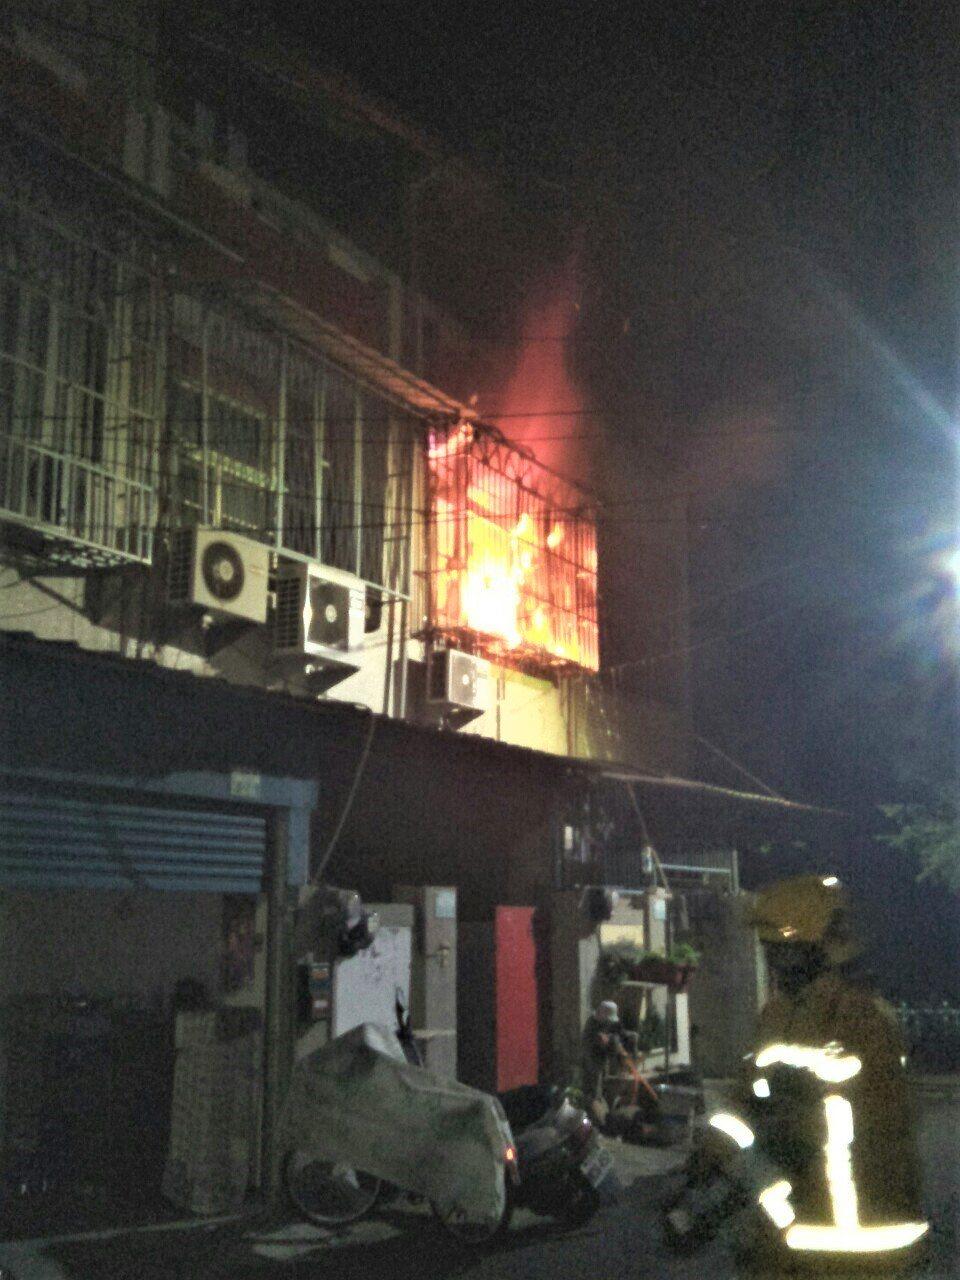 嘉義縣大林鎮平林里今天凌晨5時許發生兩層樓住宅火警,疑似二樓神明廳的油燈破掉導致...